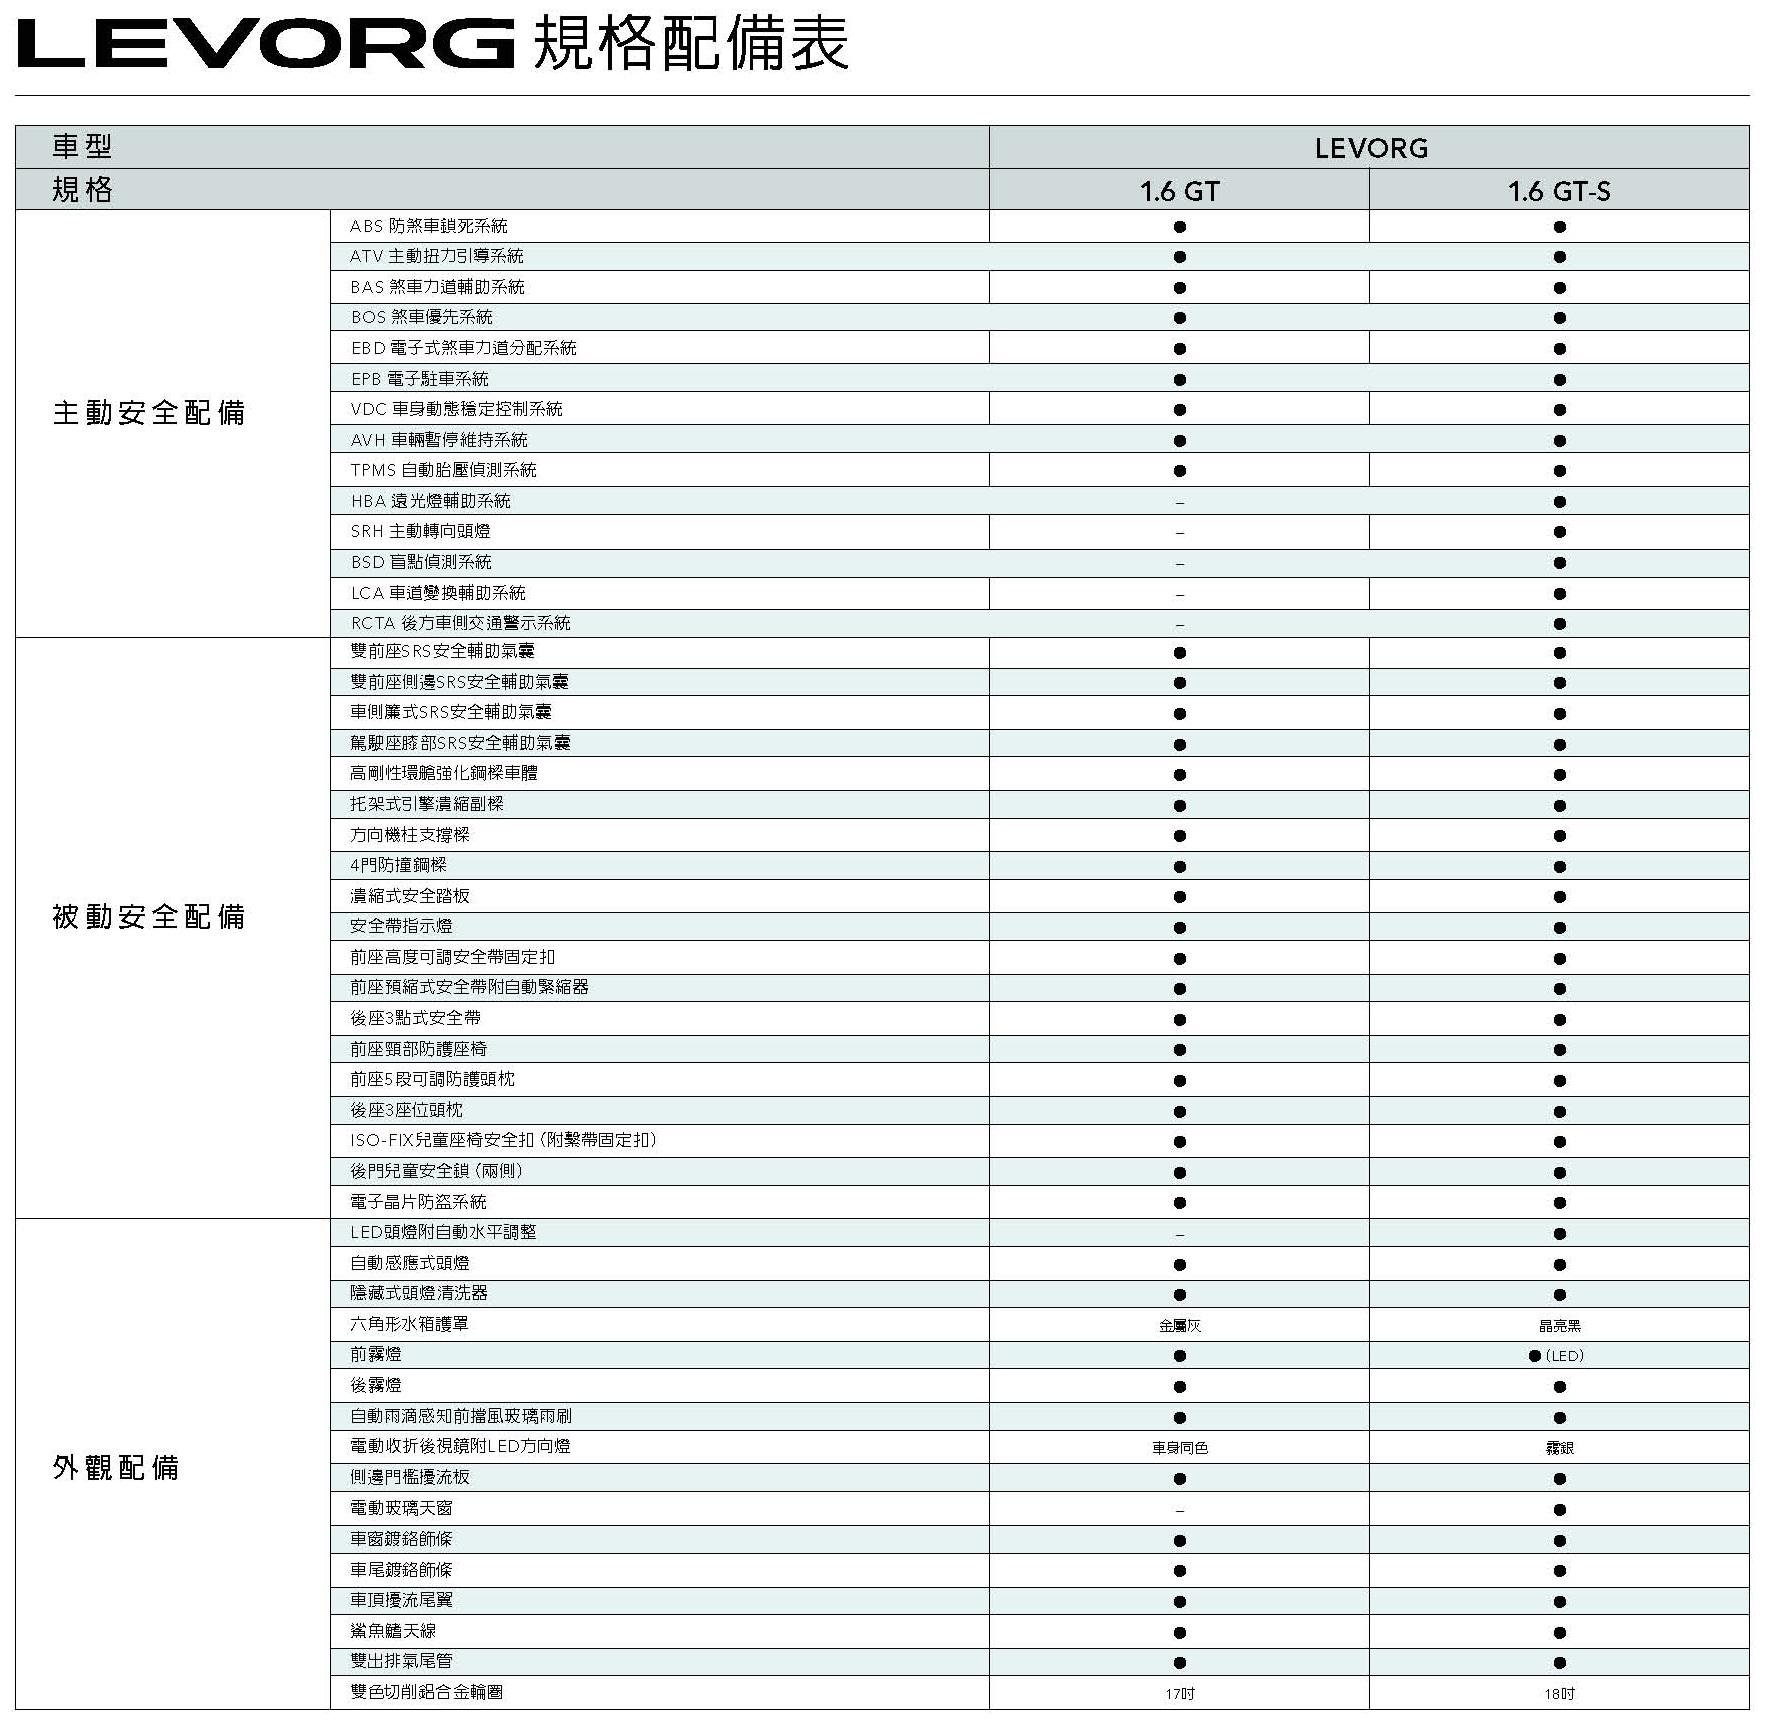 levorg-2